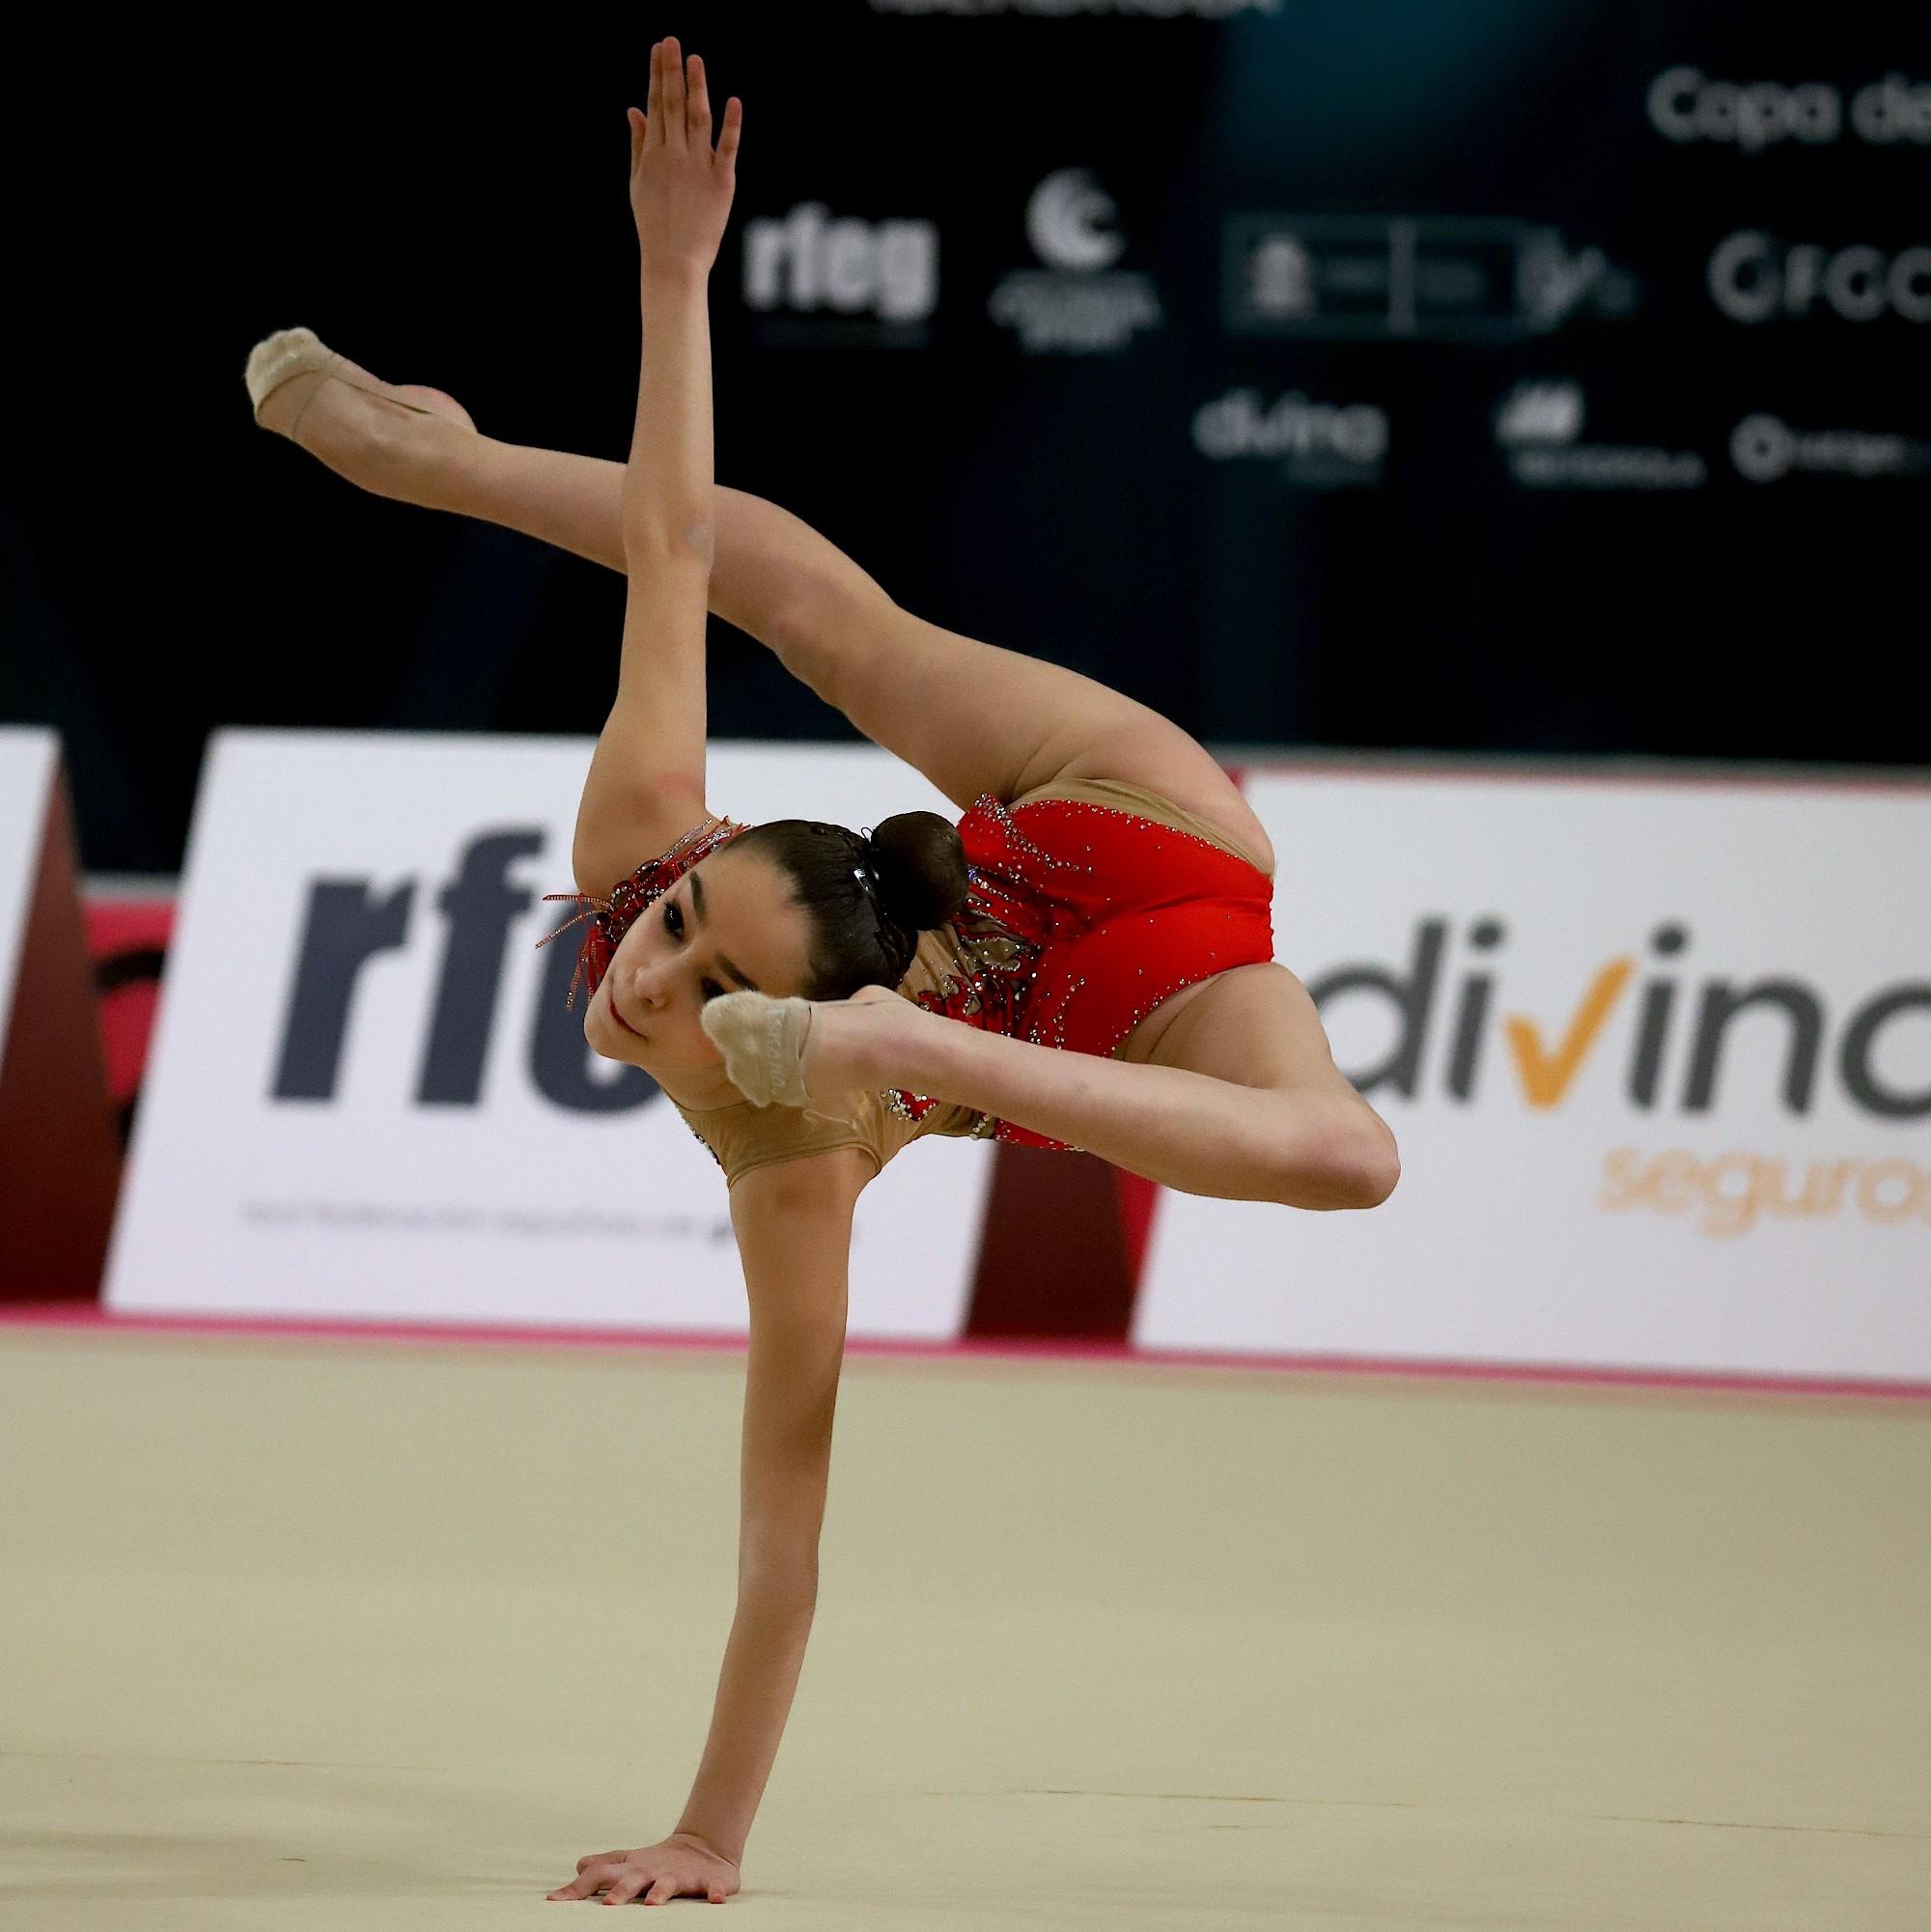 Divina Seguros lanza una nueva edición de sus becas de gimnasia. Noticias de seguros.